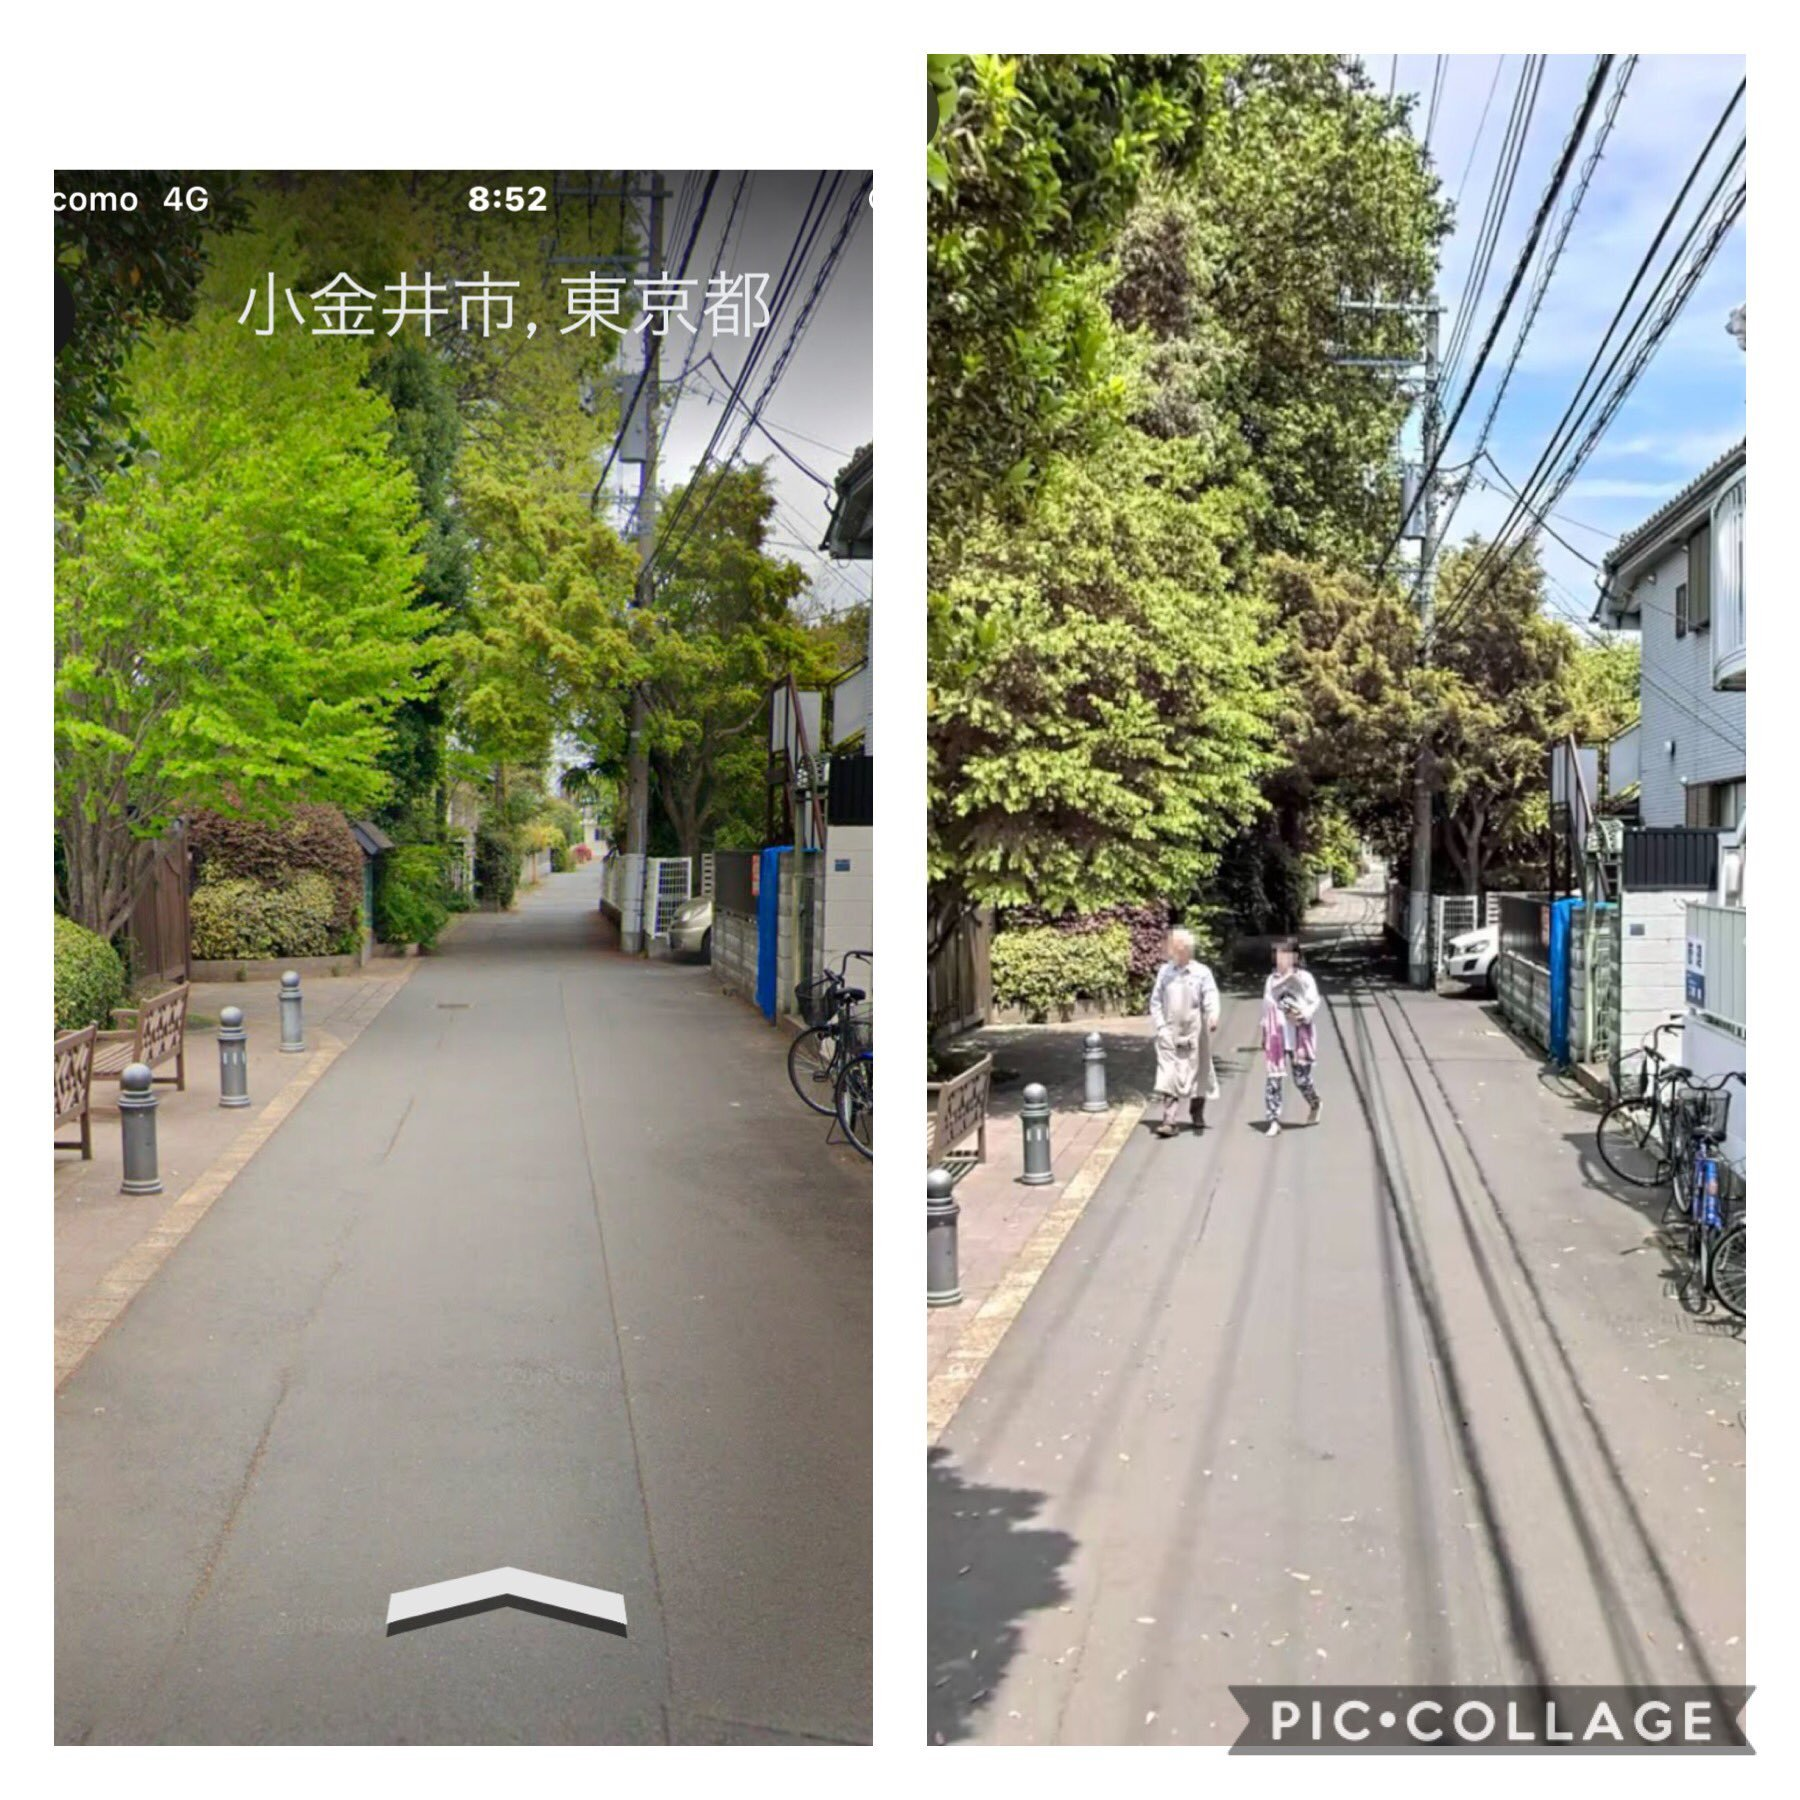 谷歌地图 宫崎骏  吉卜力